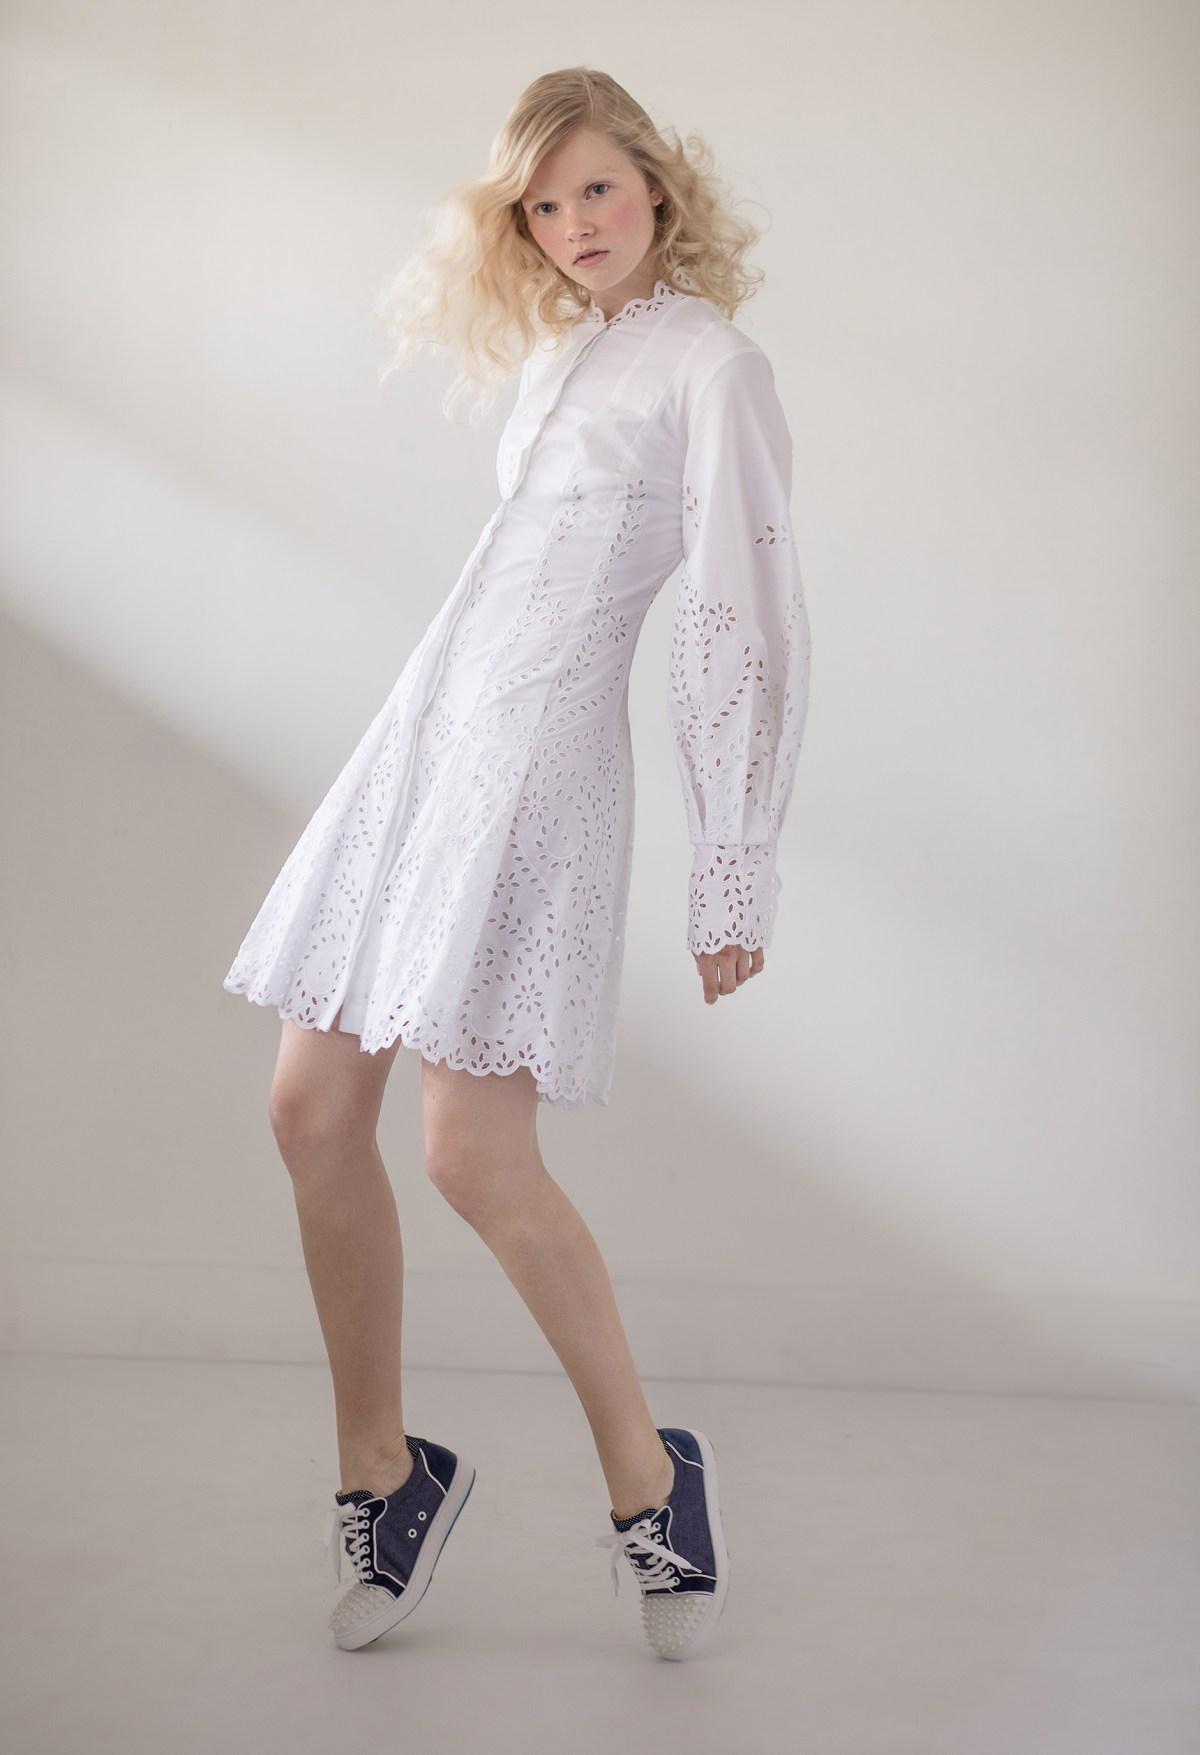 Blond model wearing a white Oscar de la Renta dress and Christian Louboutin shoes